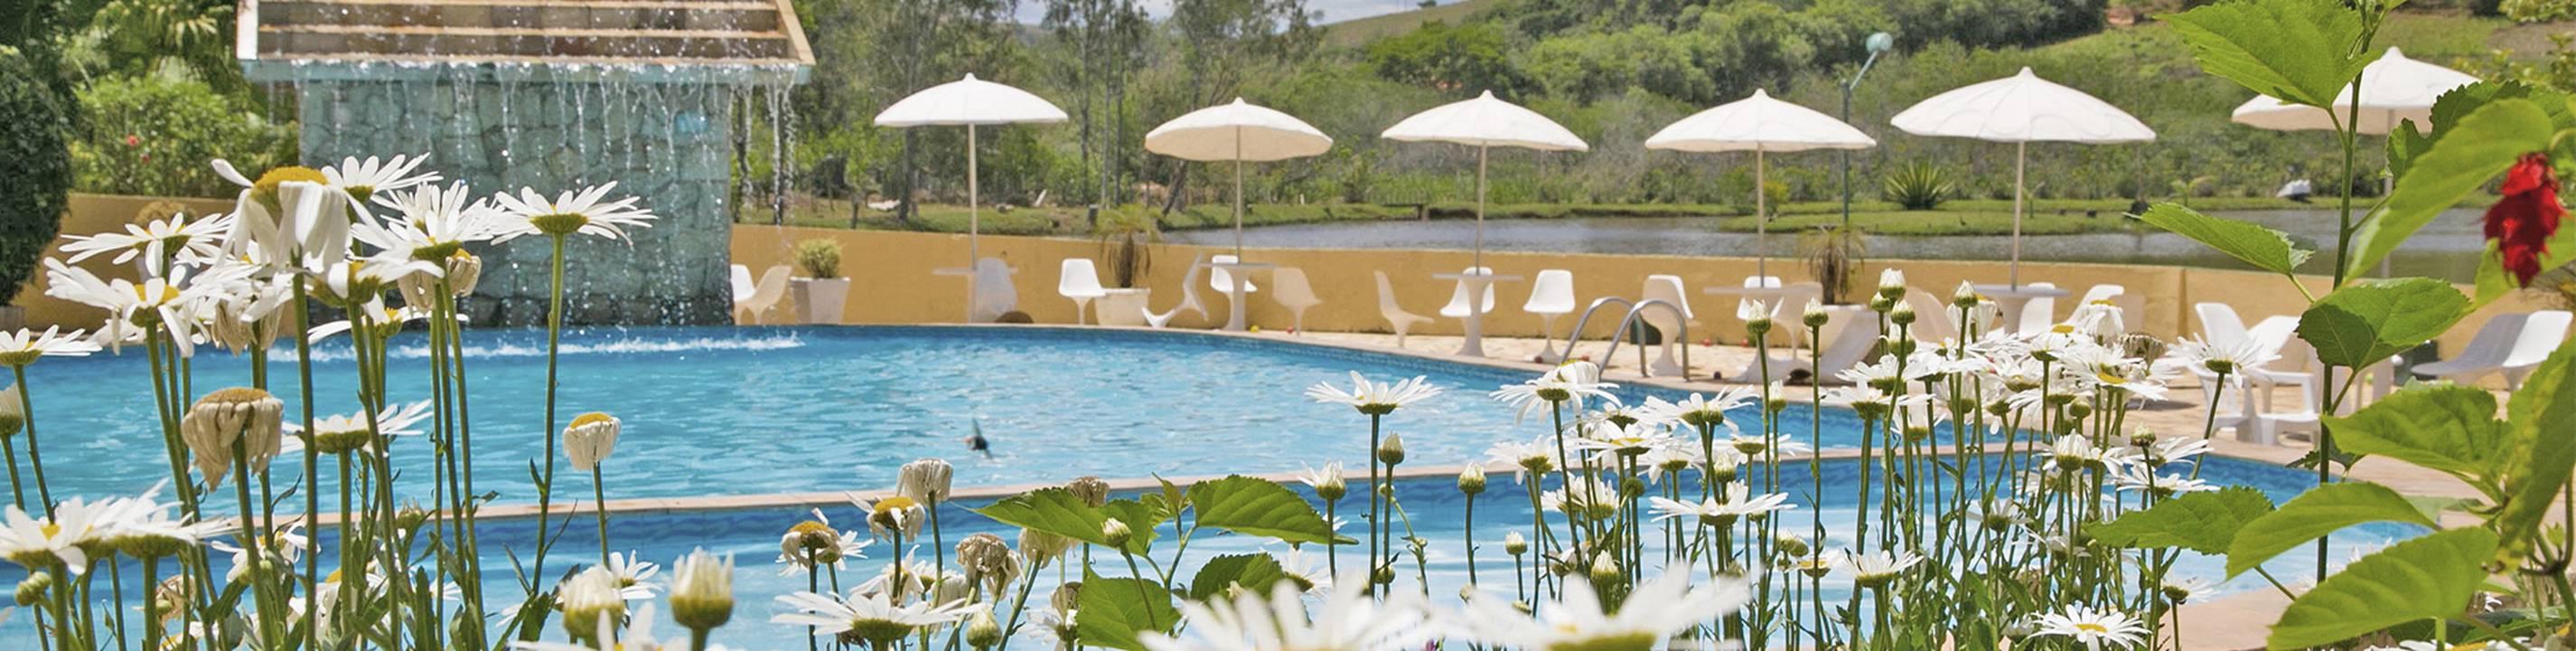 Hotel Fazenda Vista Alegre: Pensão Completa